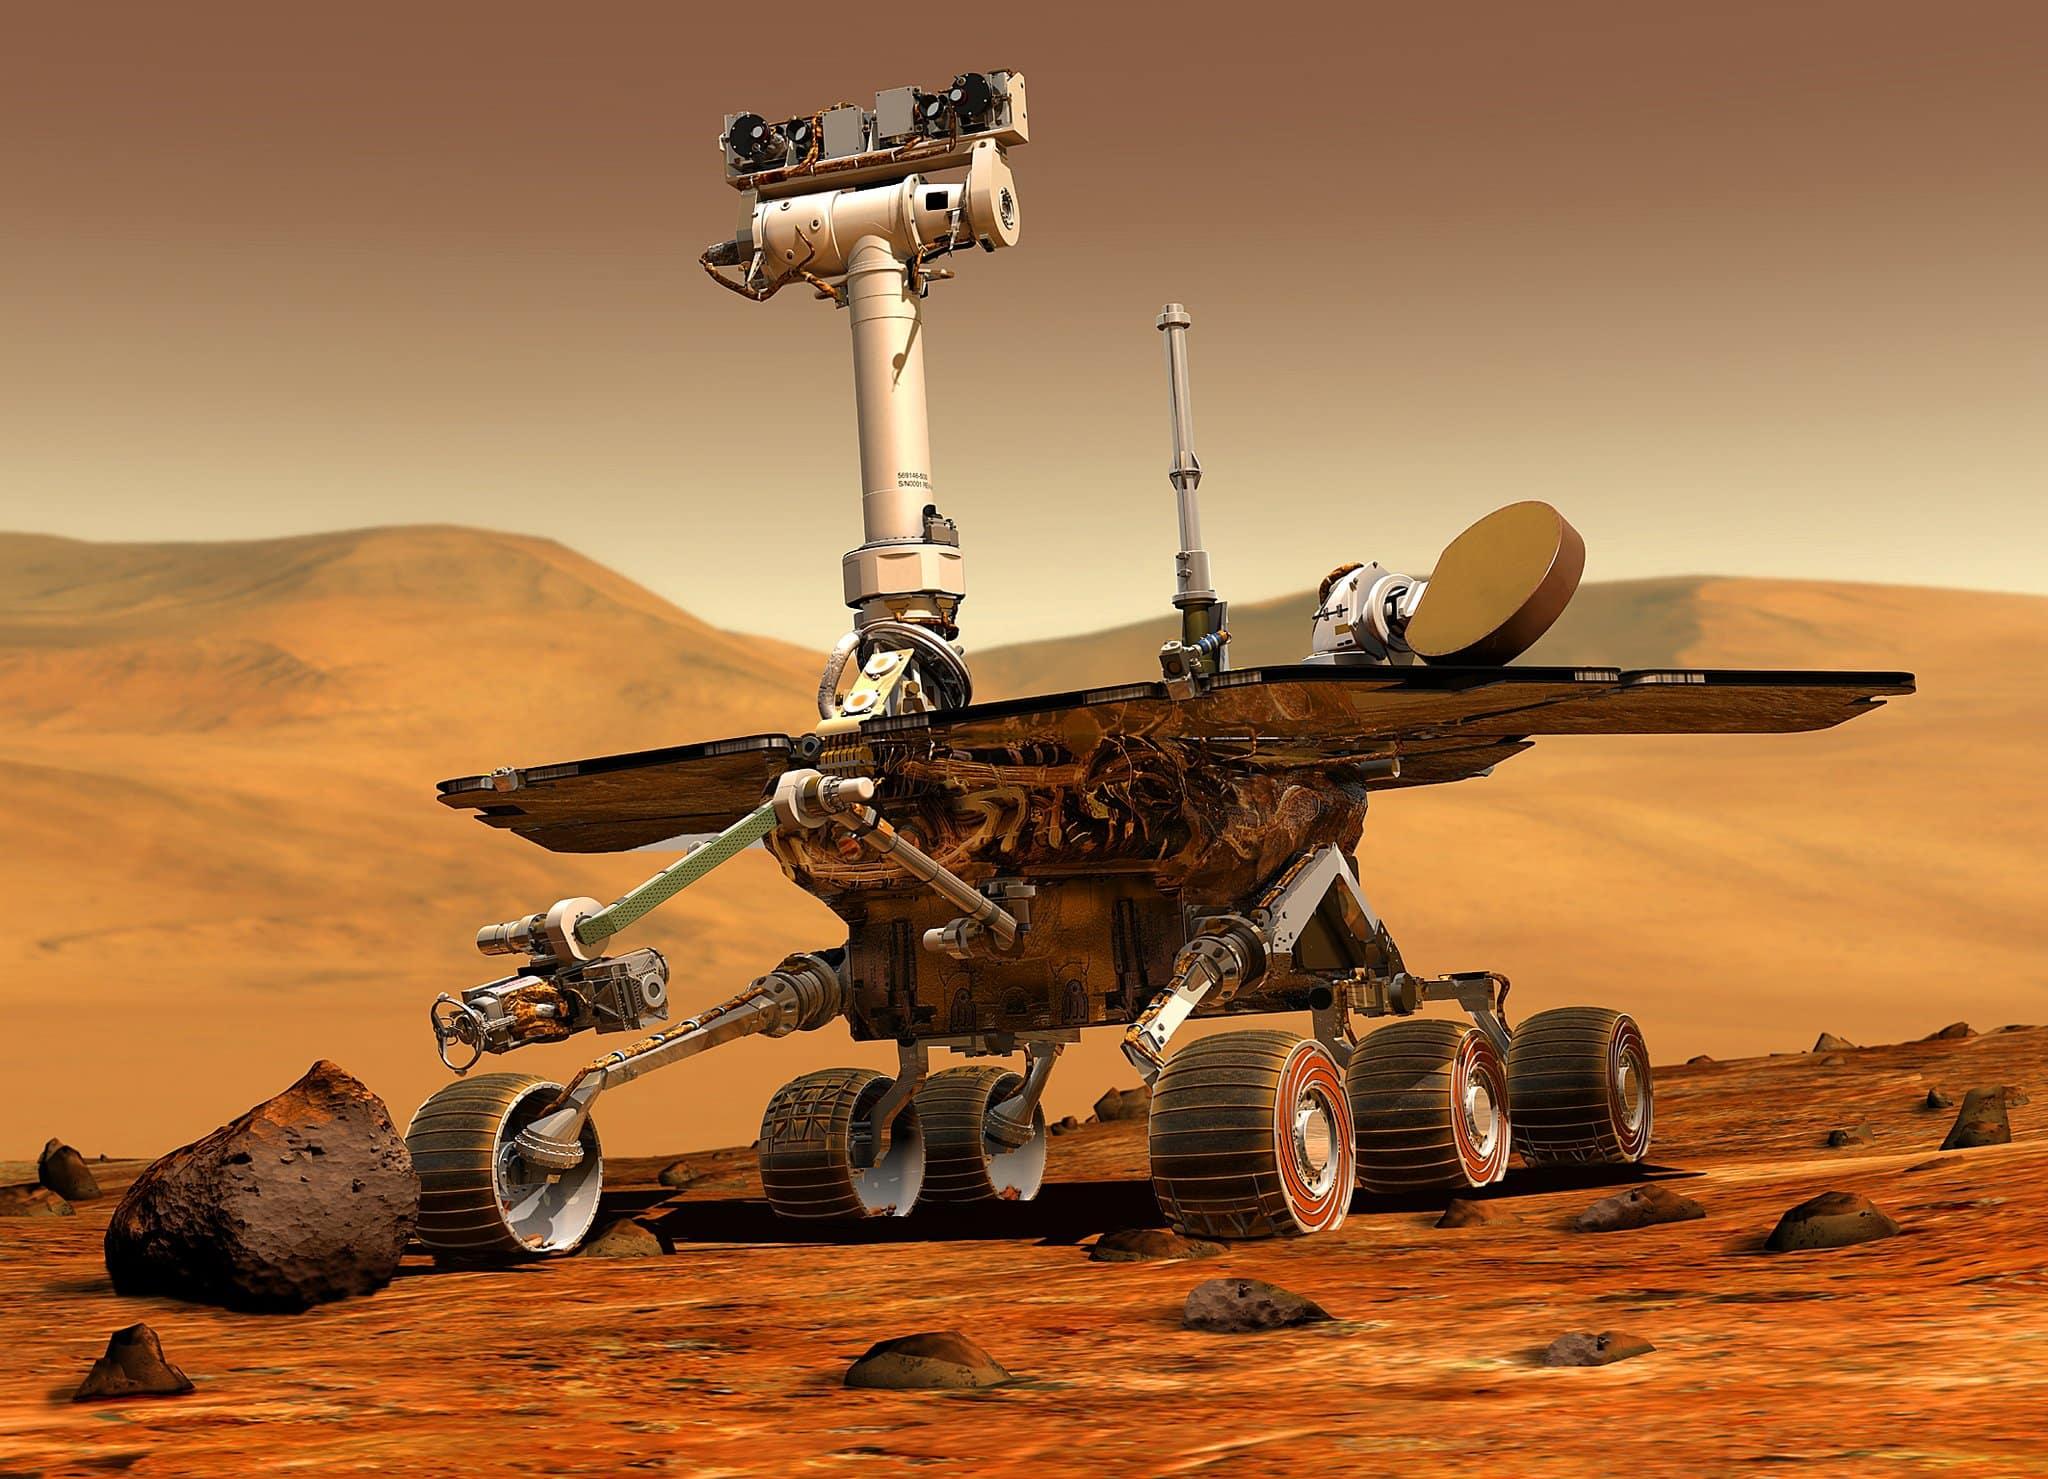 火星探査機オポチュニティ (Opportunity)